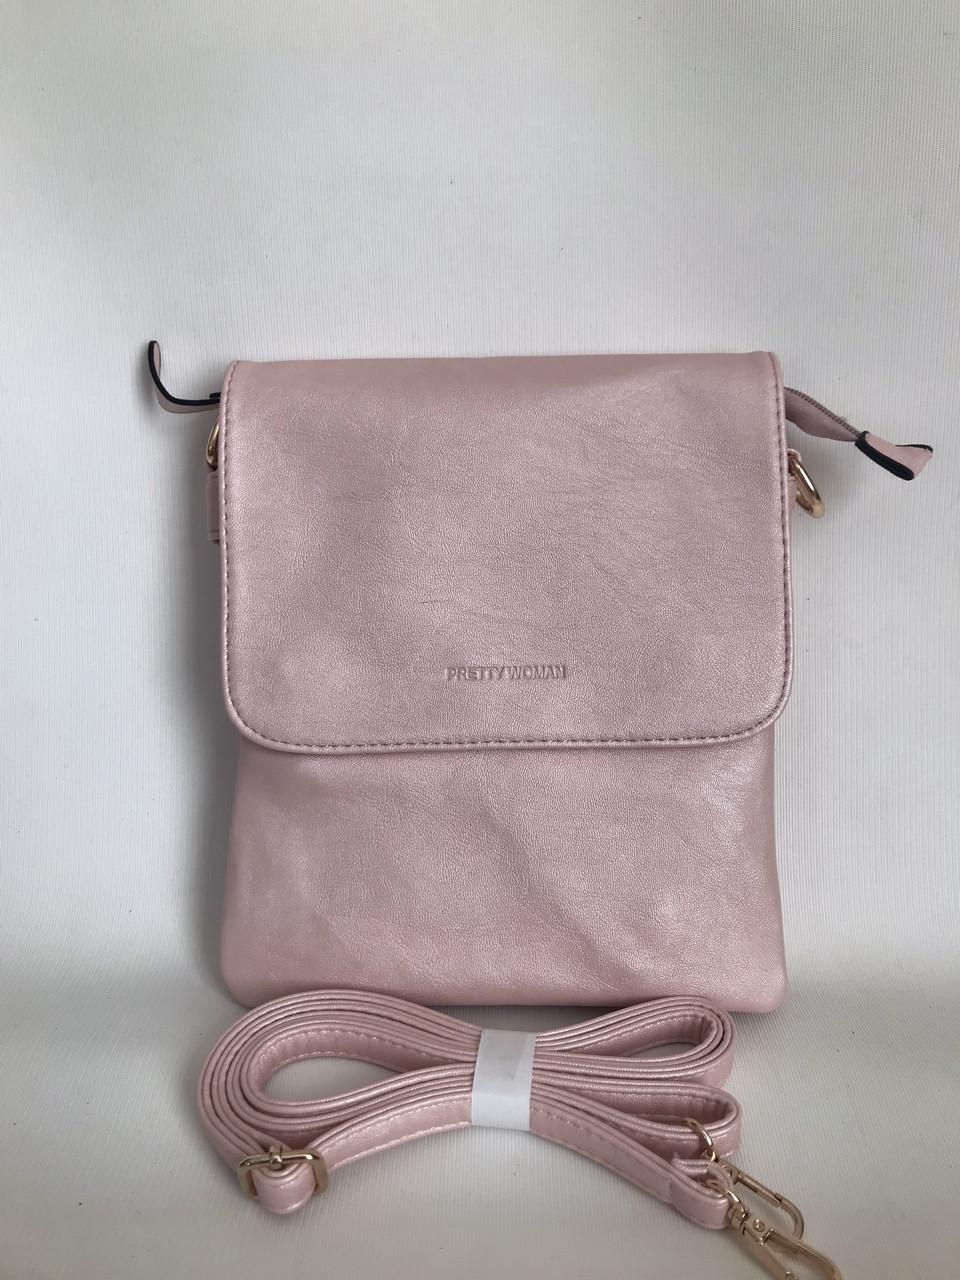 Женская стильная сумка планшет розовая через плечо Pretty woman